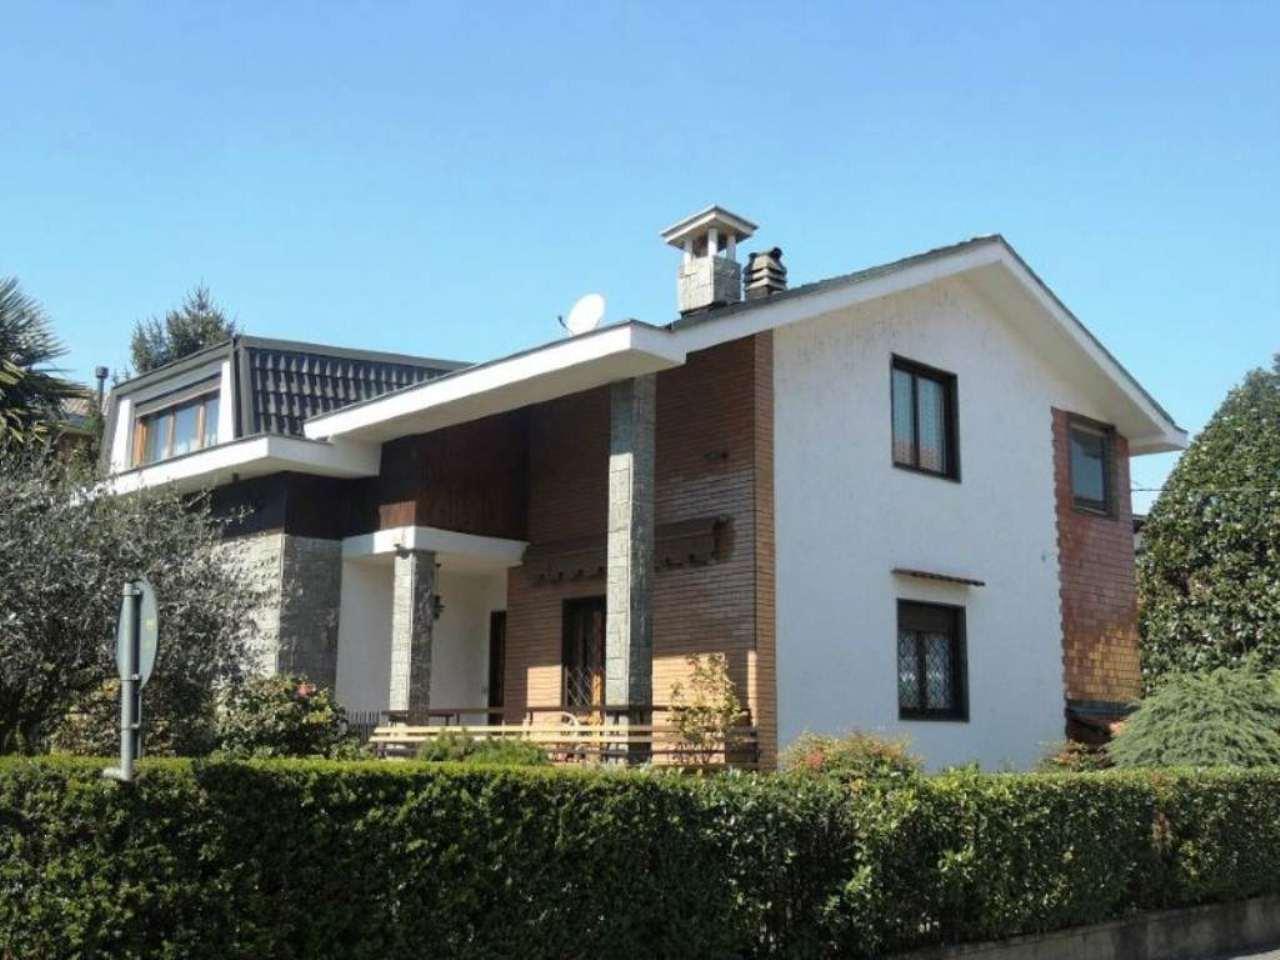 Villa in vendita a Collegno, 7 locali, prezzo € 499.000 | Cambio Casa.it